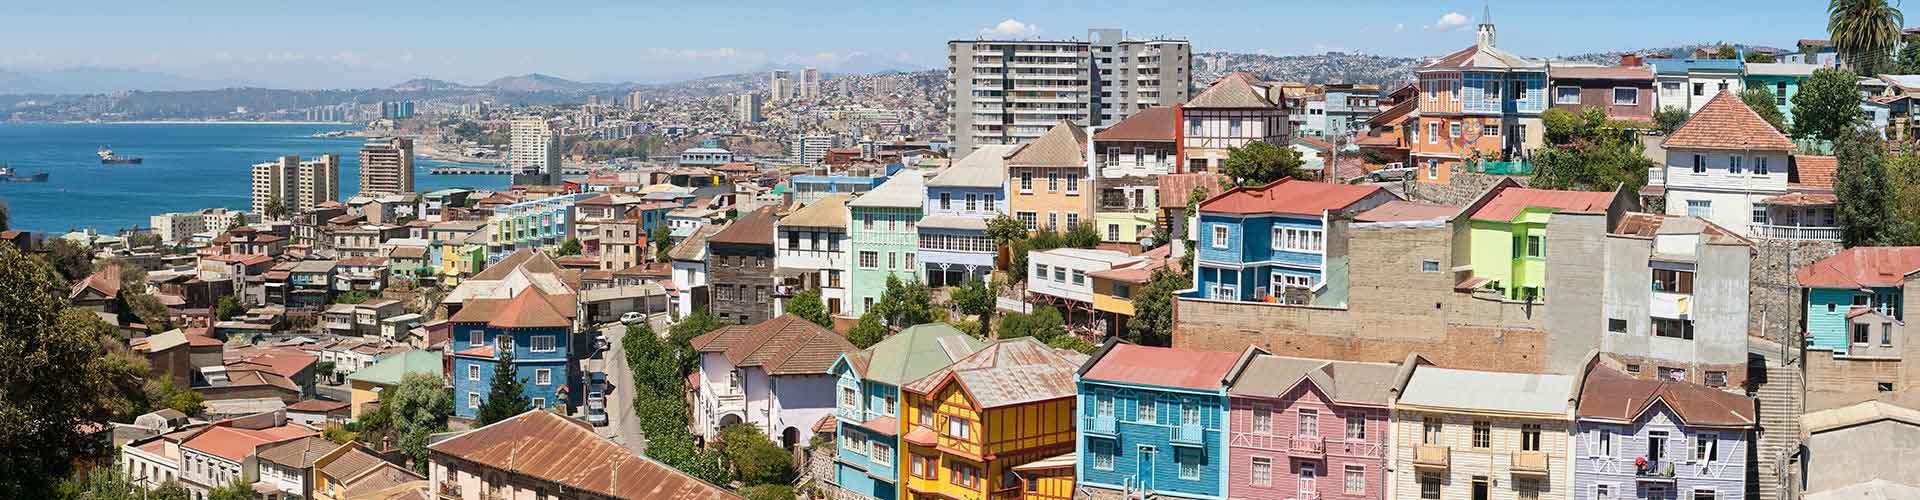 Valparaíso - Albergues Juveniles en Valparaíso. Mapas de Valparaíso, Fotos y Comentarios para cada Albergue Juvenil en Valparaíso.